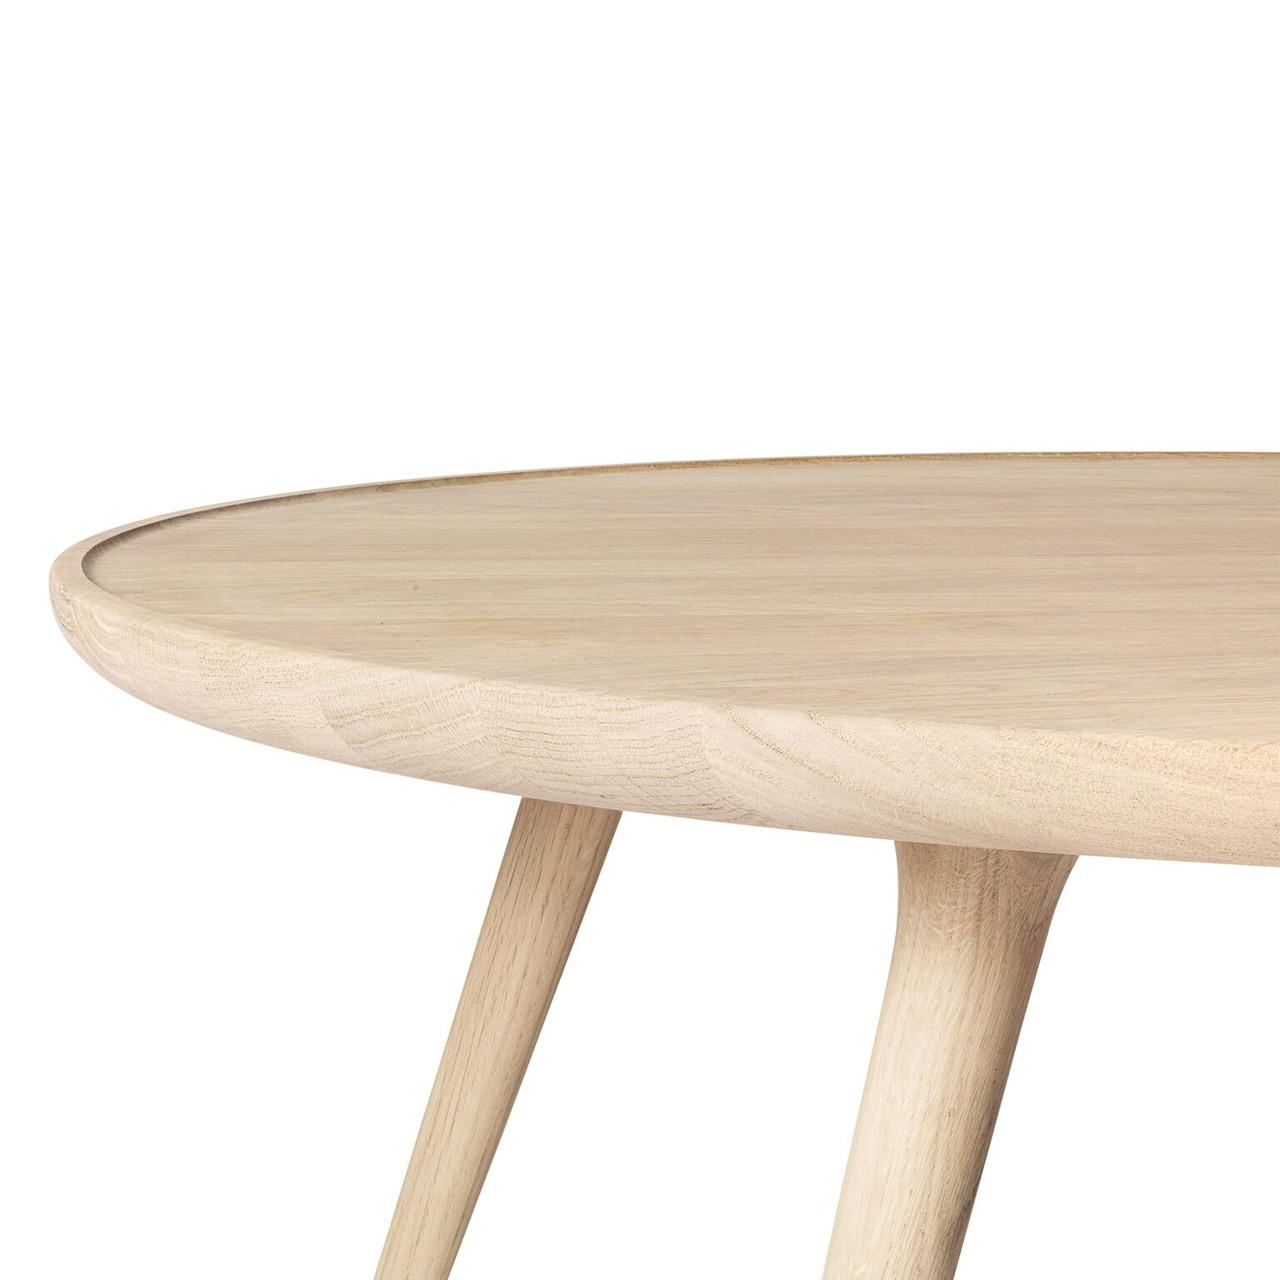 sofabord egetræ Accent sofabord | Køb Mater Lounge Table her sofabord egetræ